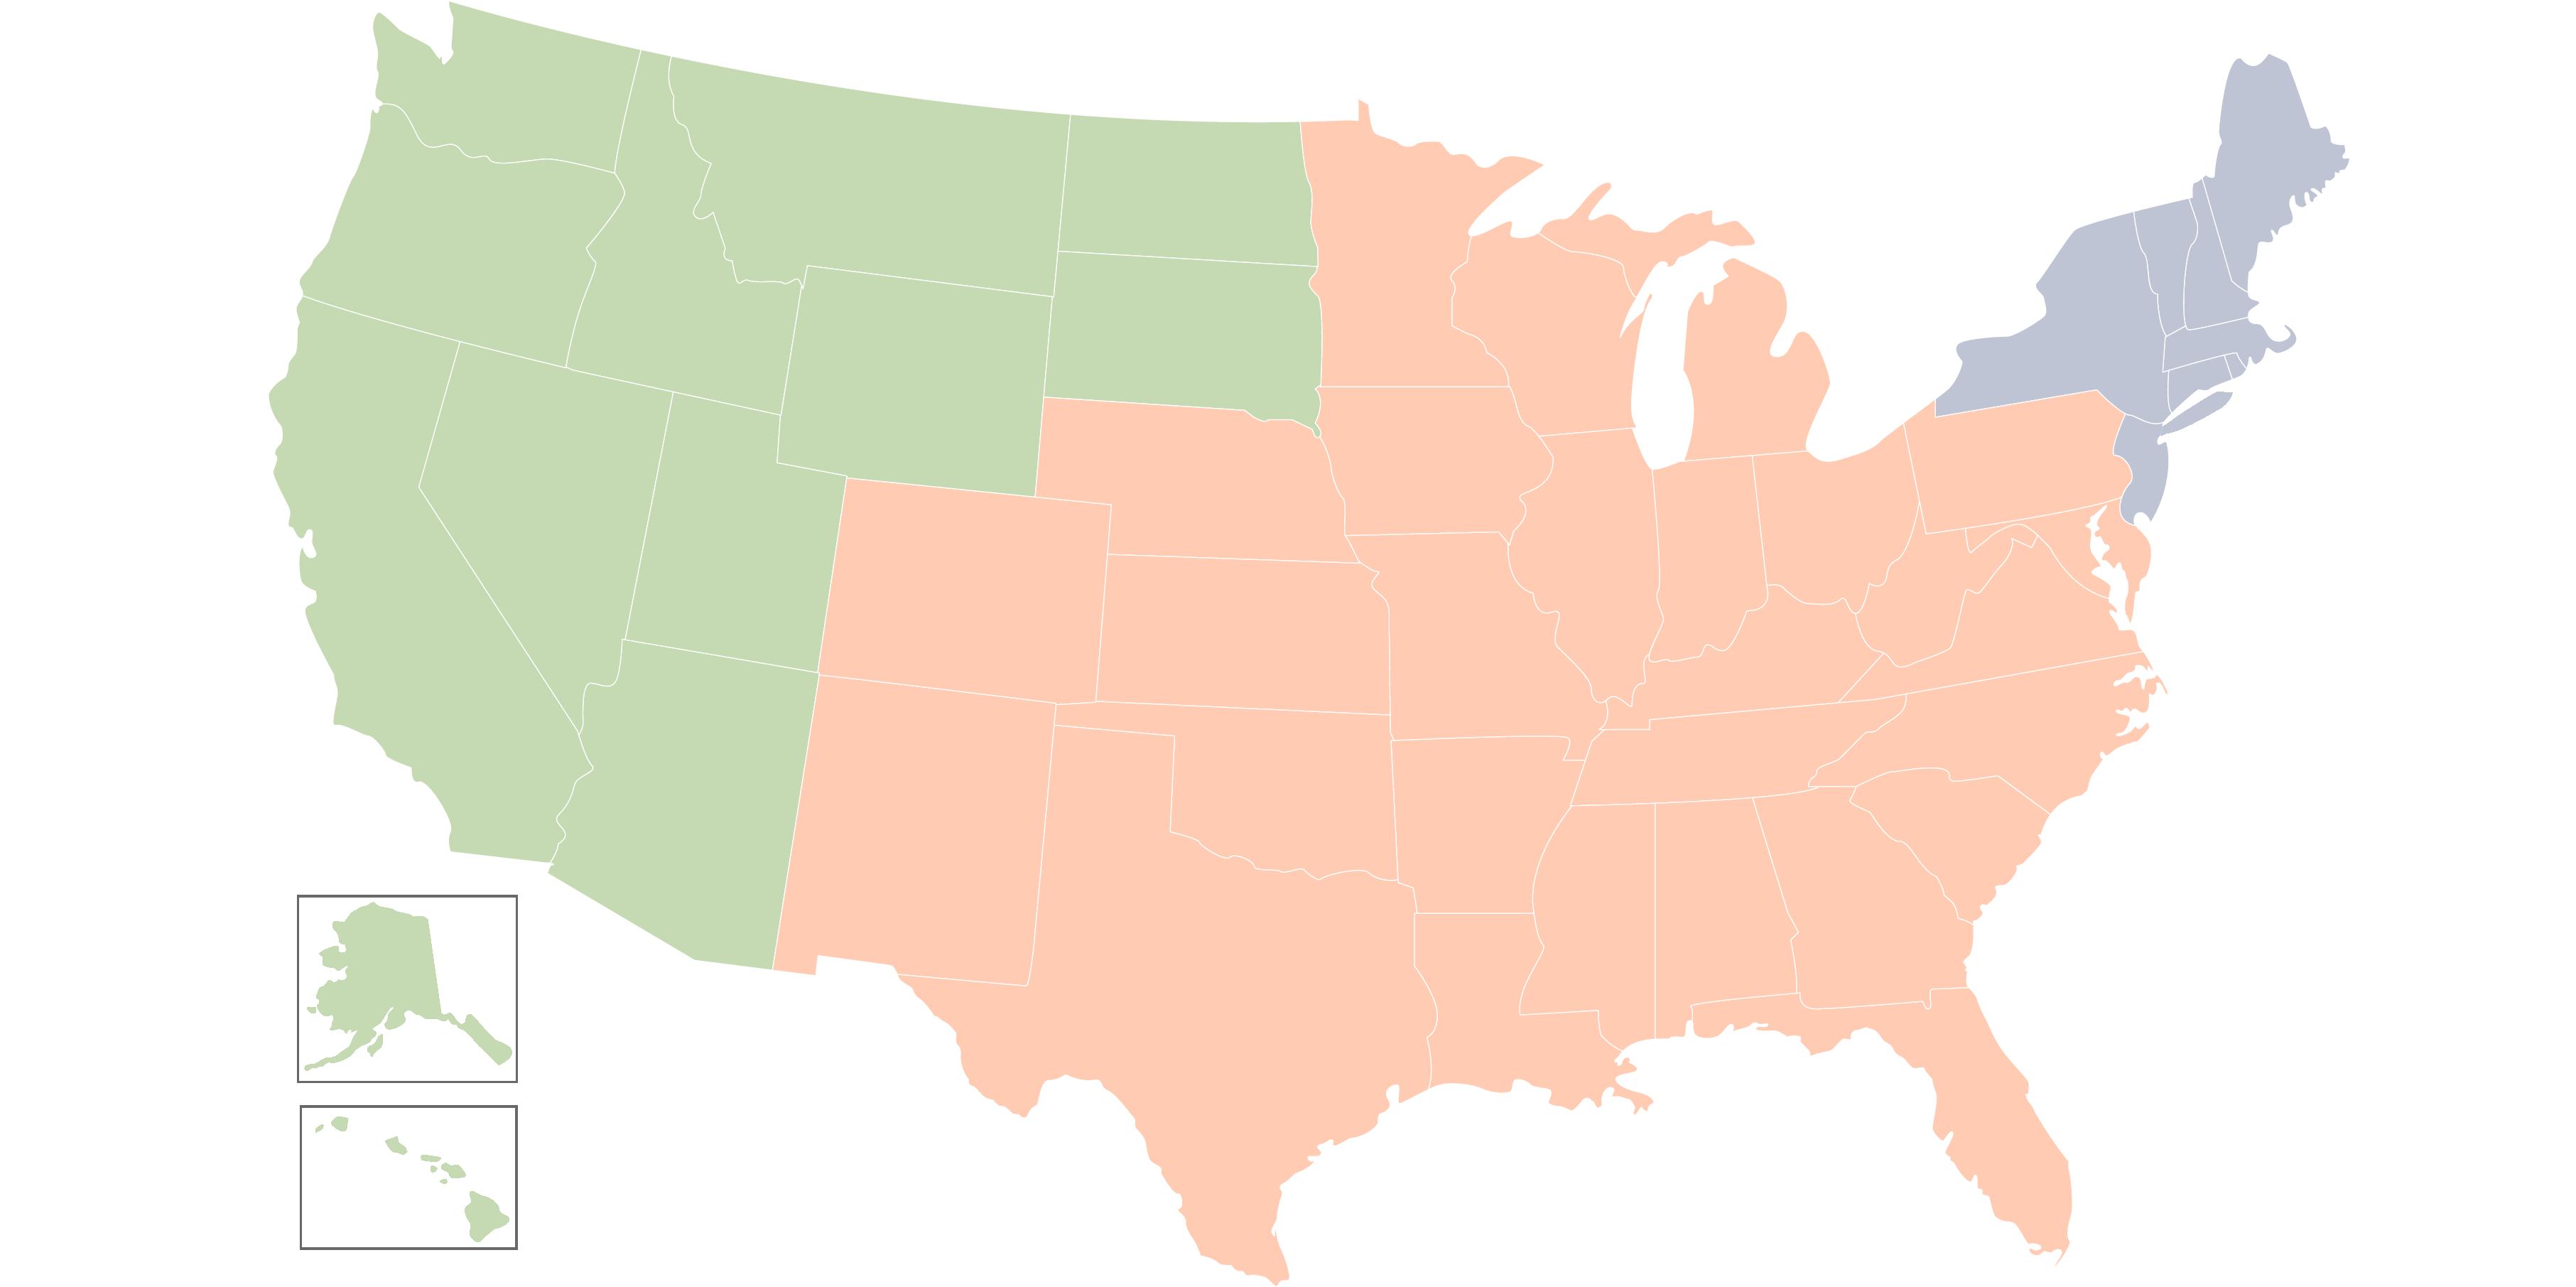 Map of U.S. defining regions that each IR team member represents